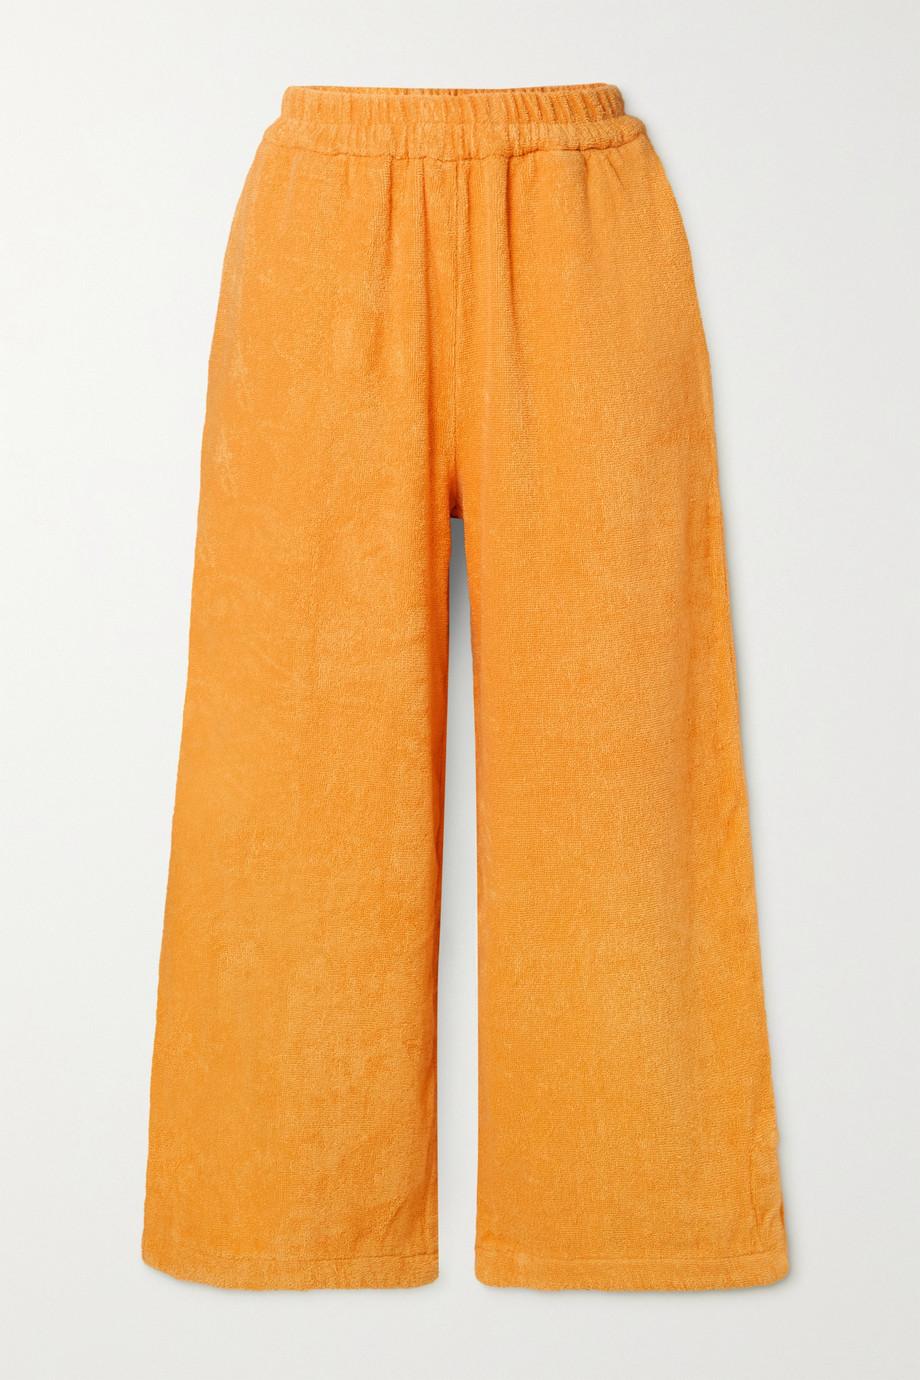 TERRY Capri Hose mit geradem Bein aus Baumwollfrottee